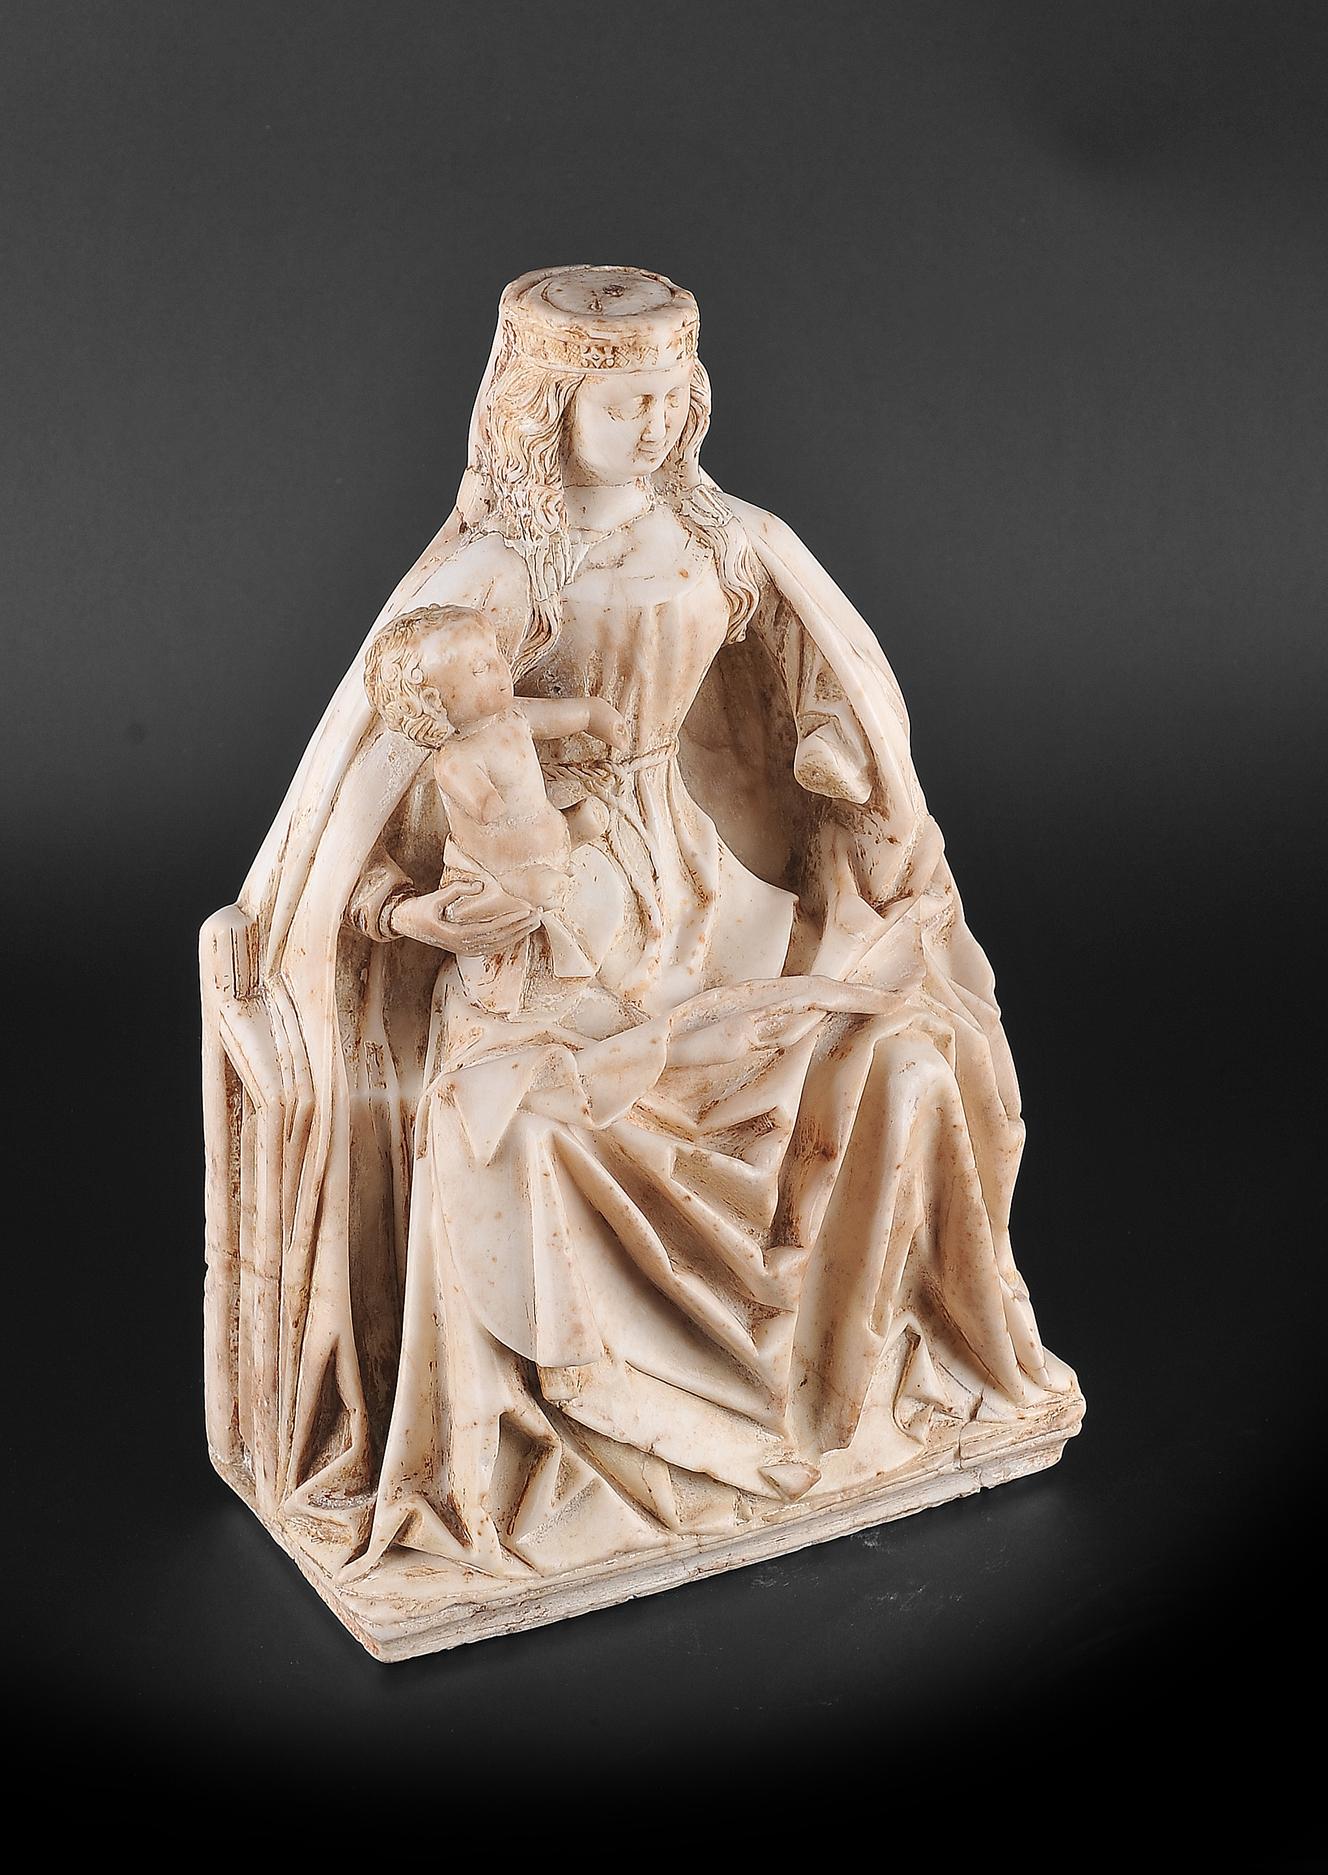 Gil de Siloe, Antwerpen 1440 – 1501 Burgos (und Werkstatt), Sitzende Madonna, um 1485/90 - Image 6 of 25